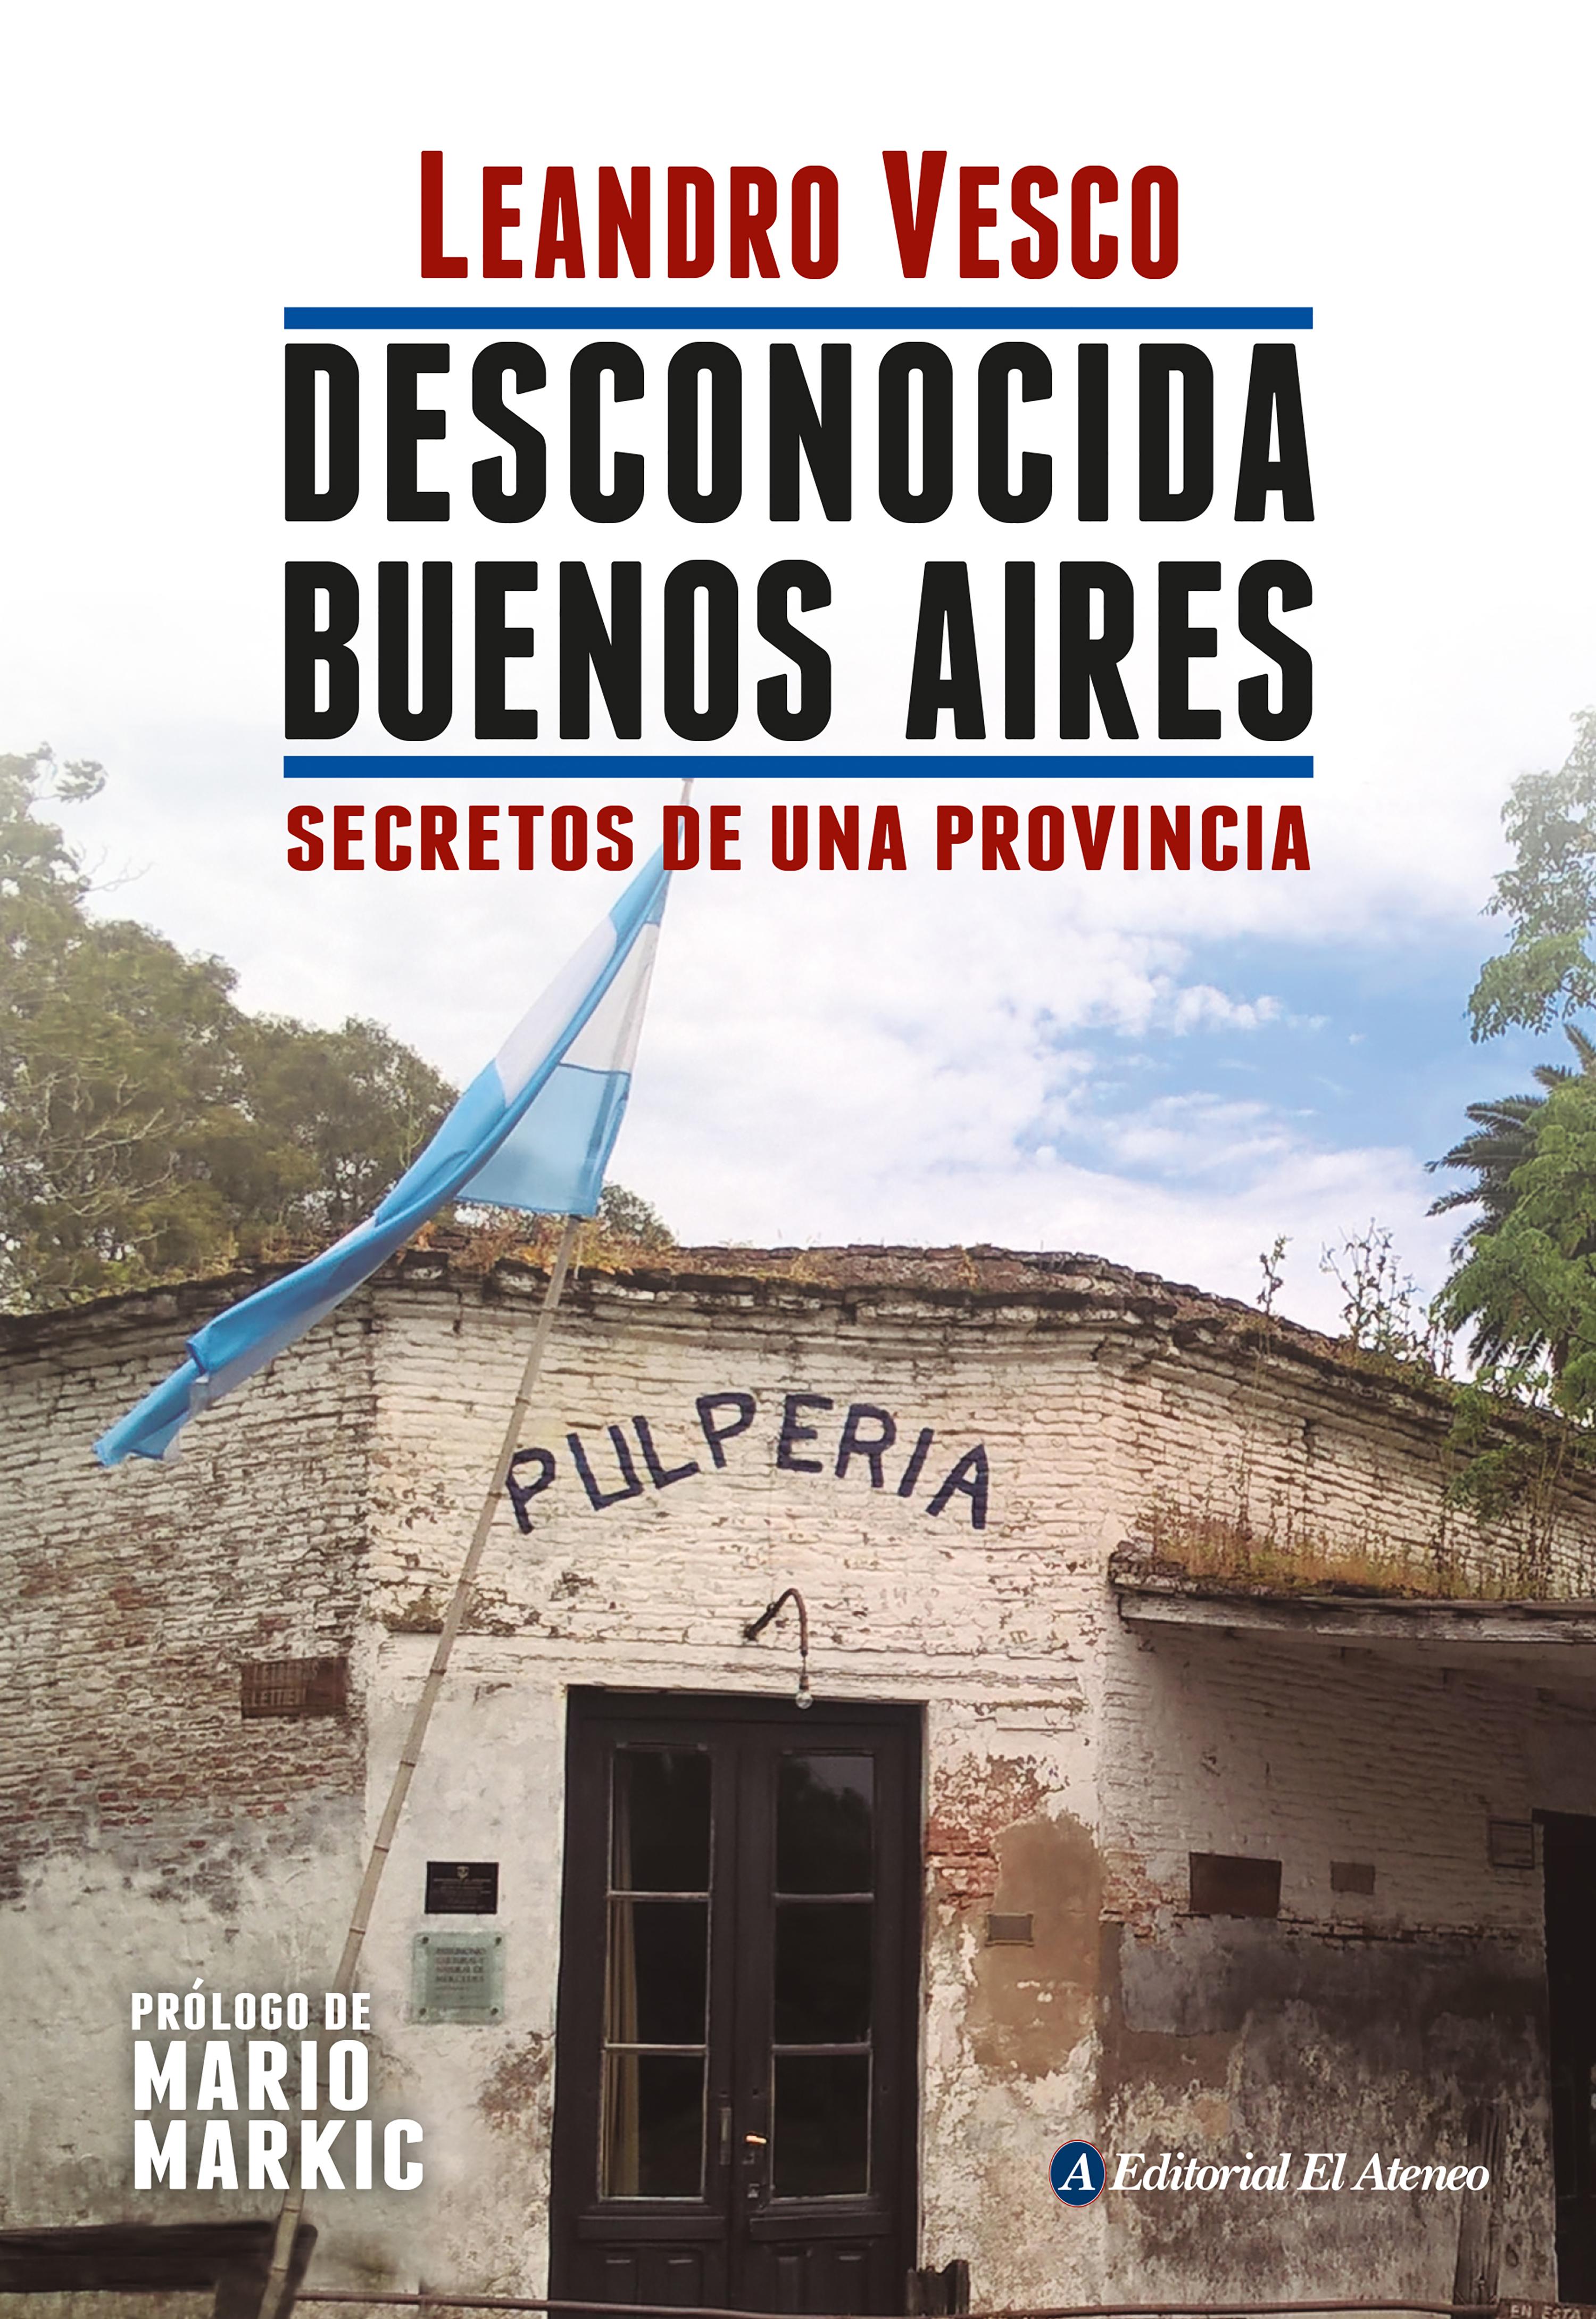 Desconocida Buenos Aires фото